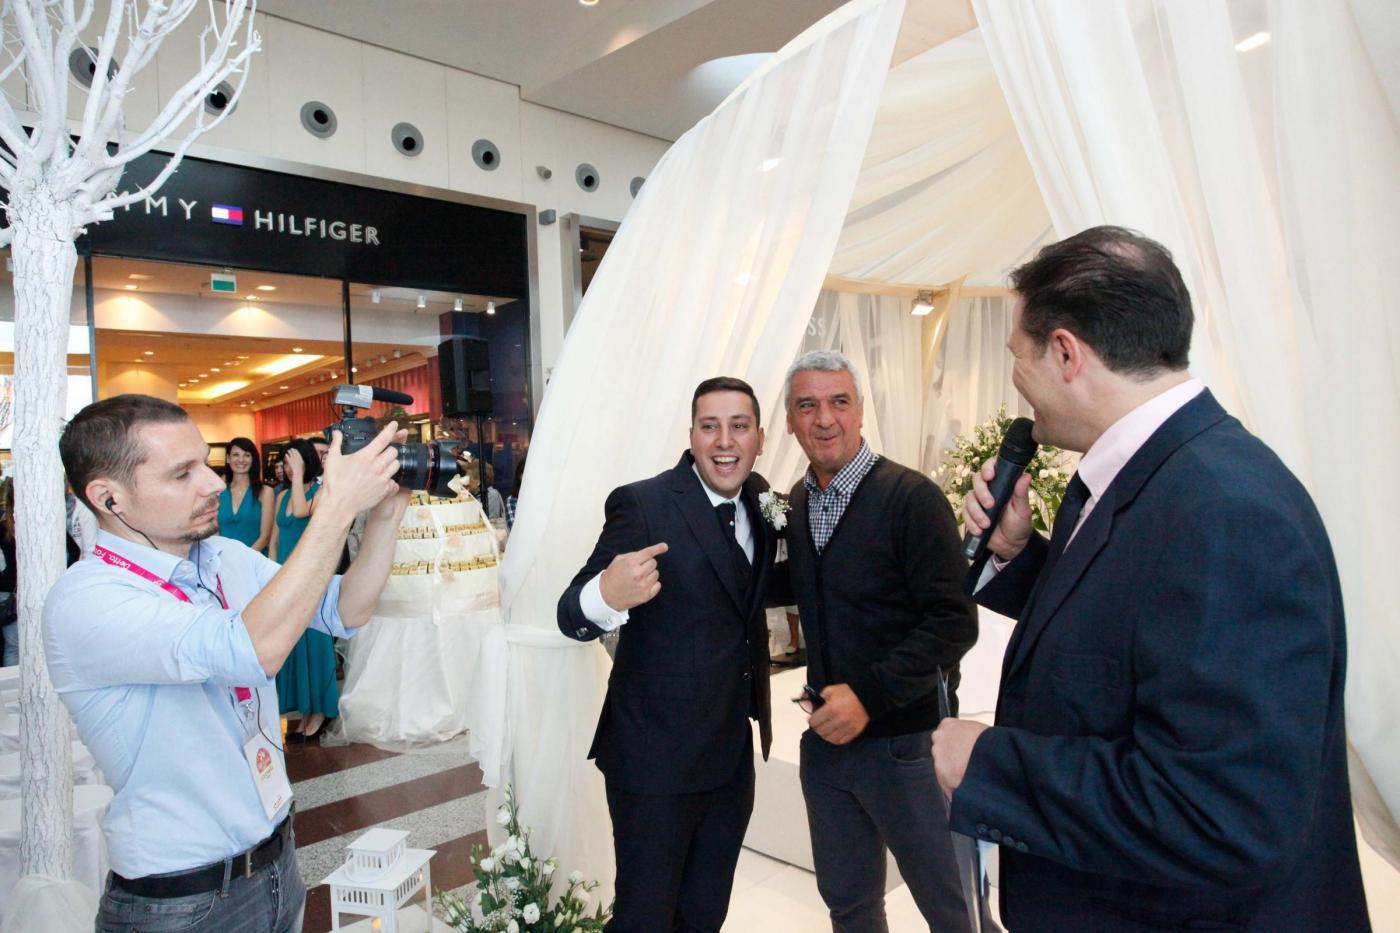 Si sposano nel centro commerciale del primo incontro: è la prima volta in Italia08